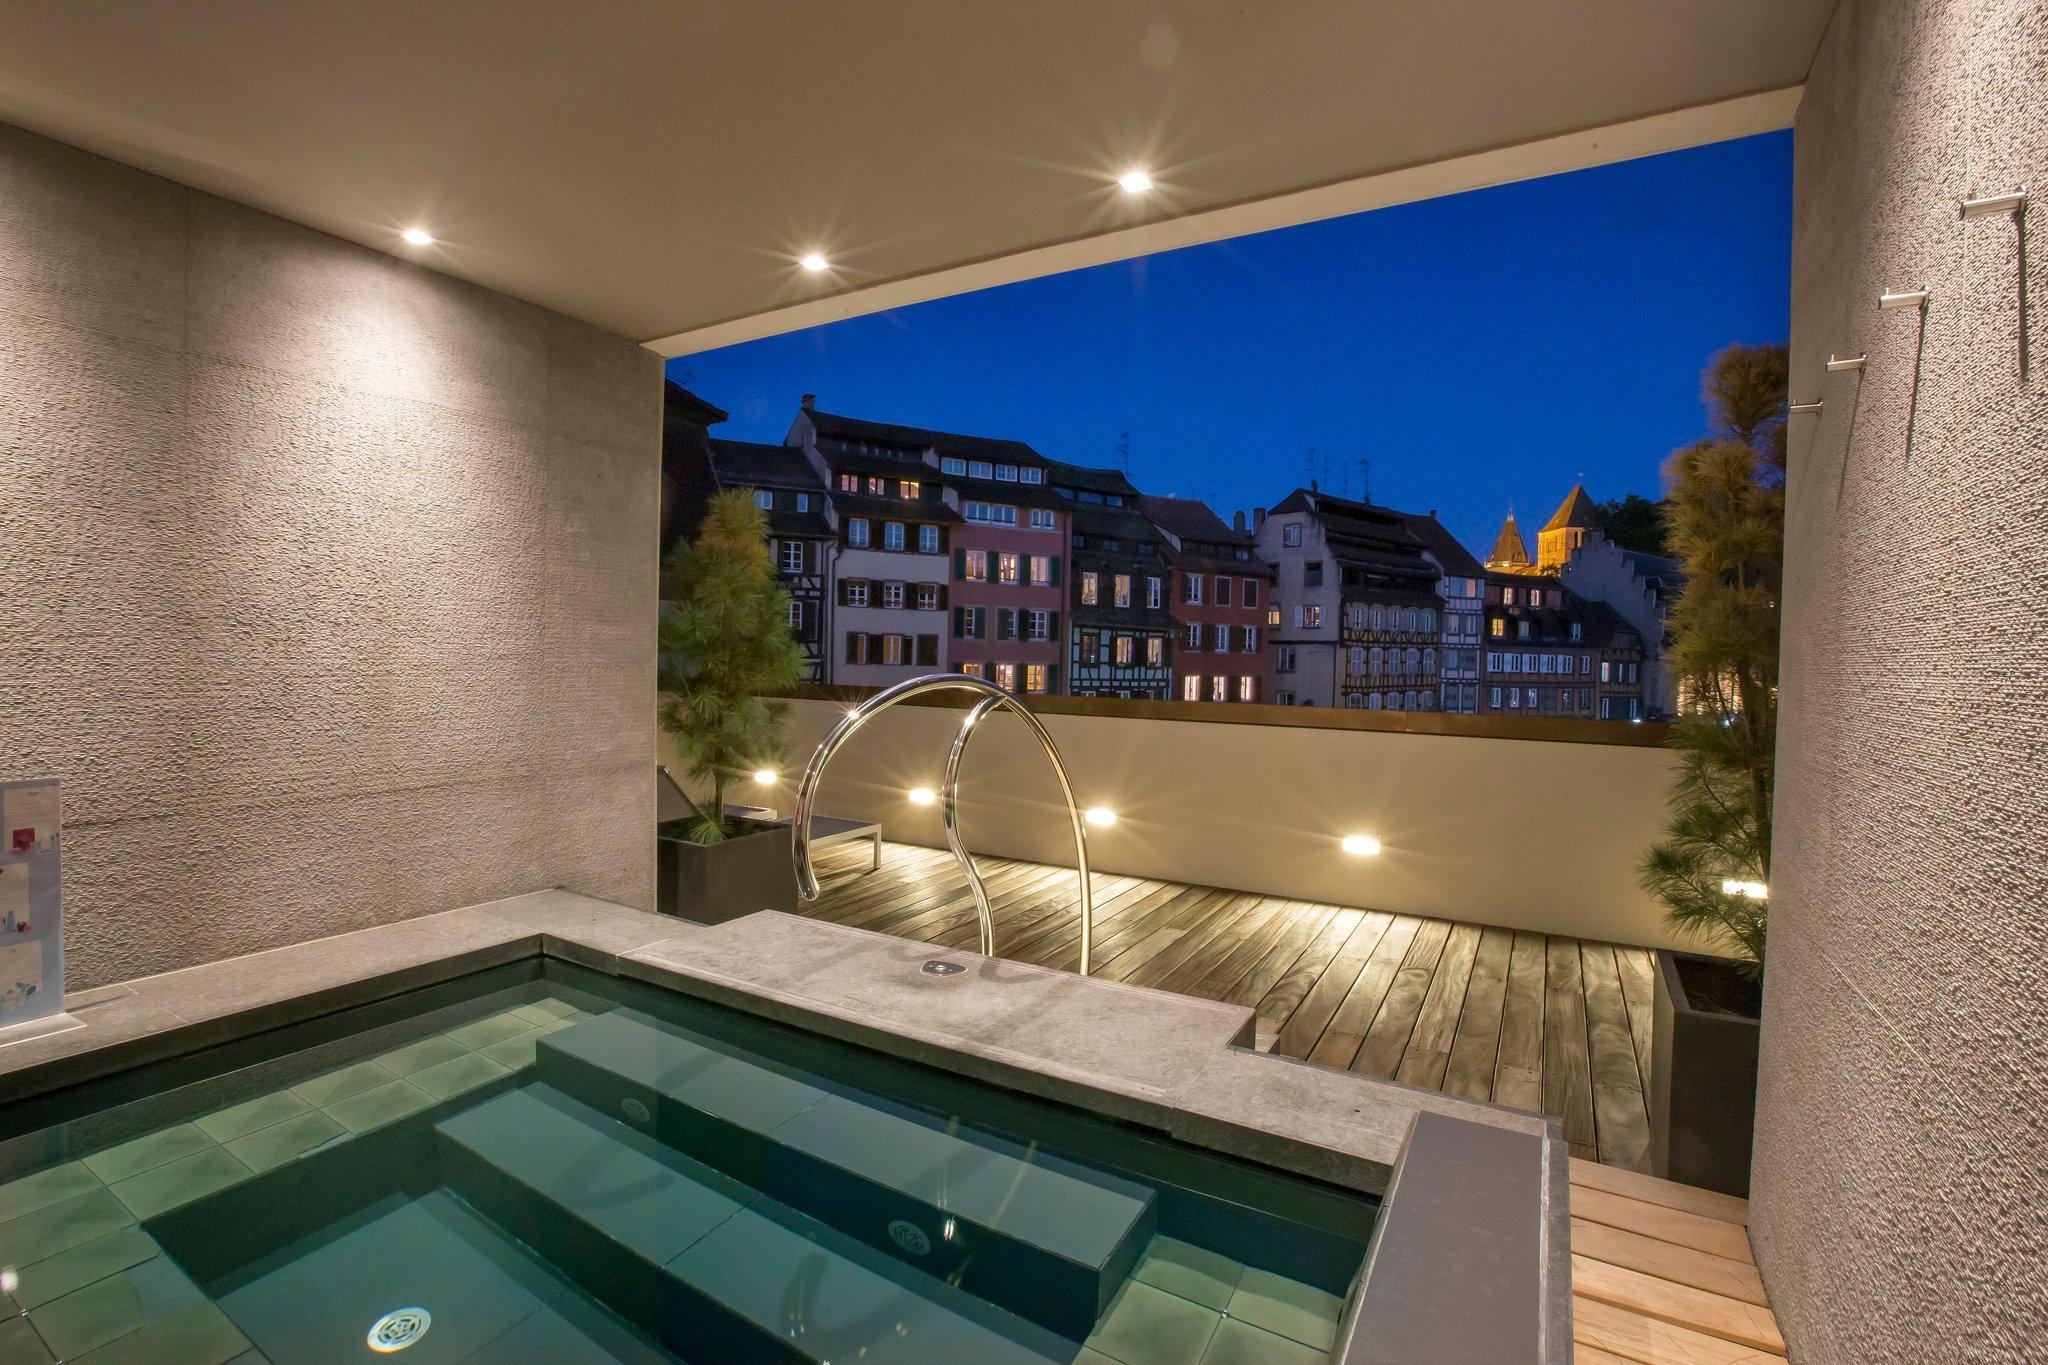 Régent petite france & spa hotel (strasbourg) : voir les tarifs et ...